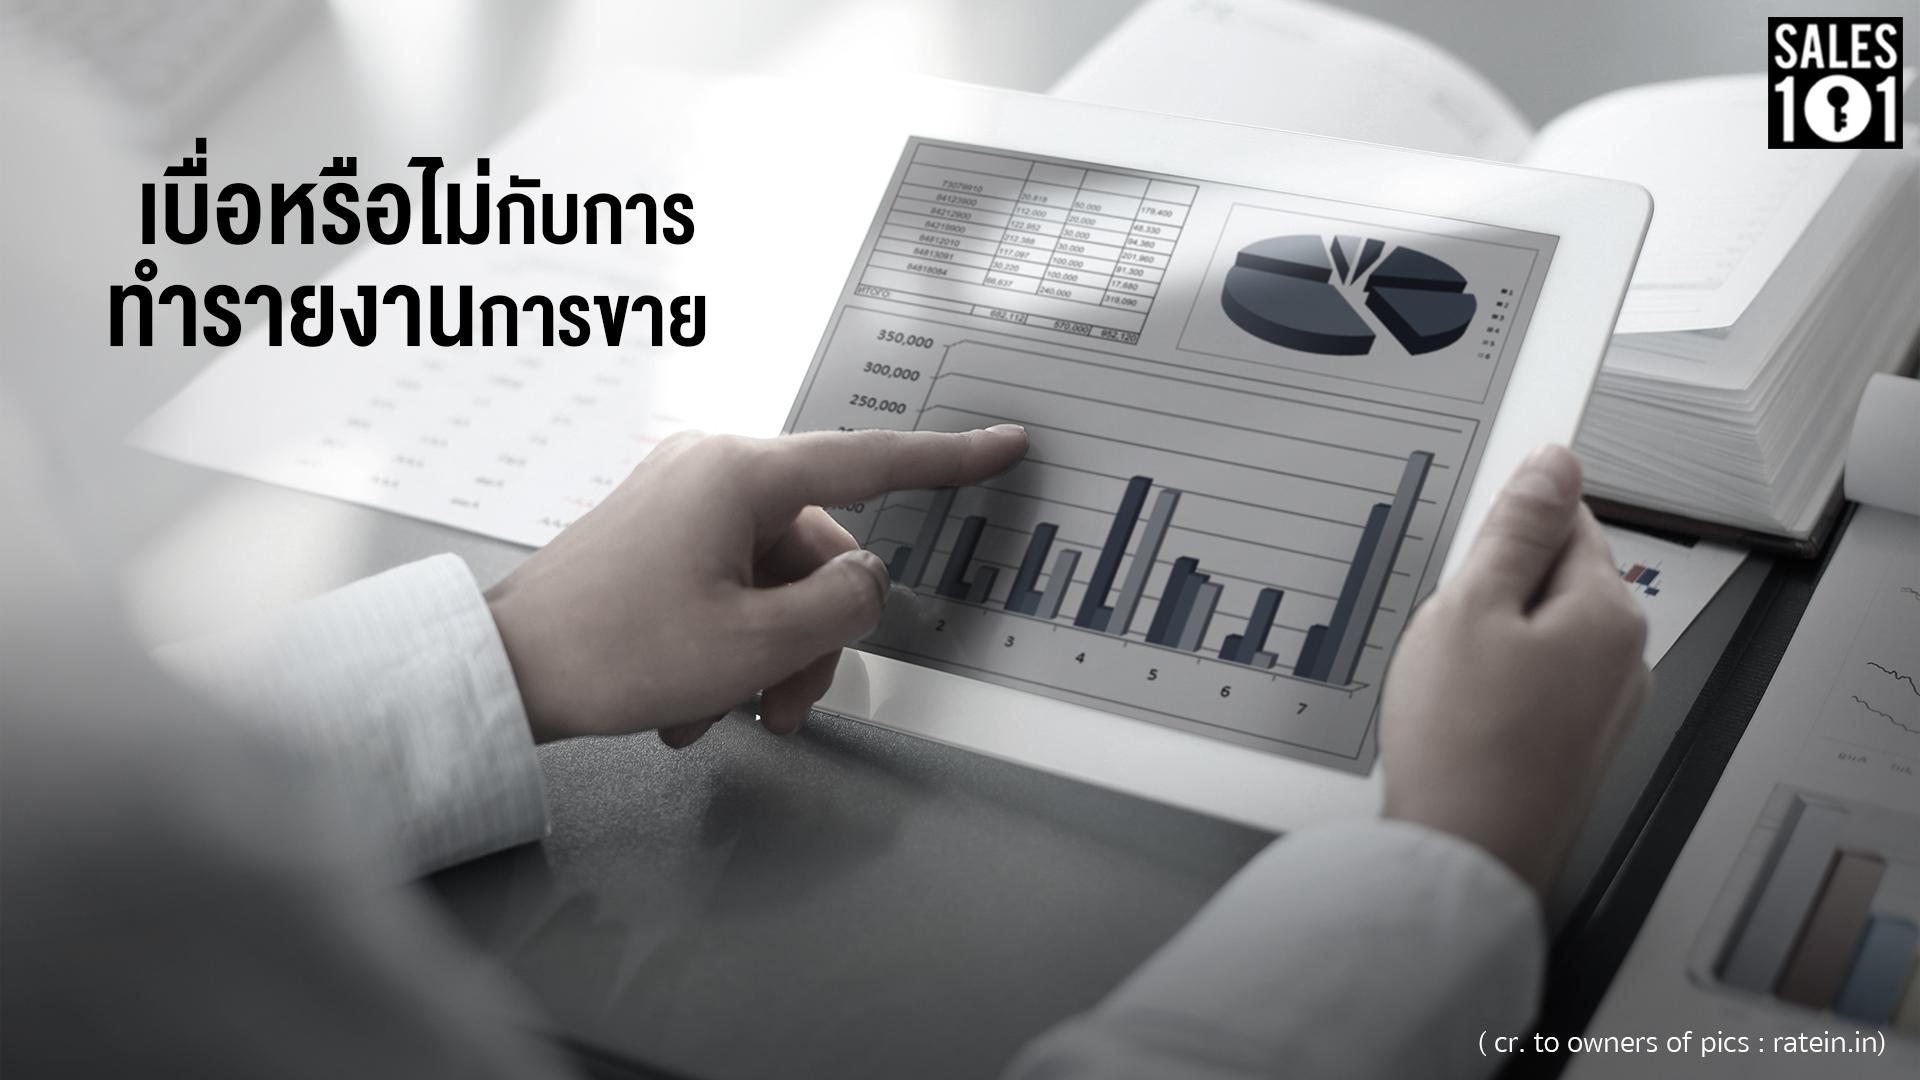 บทที่ 15 เบื่อหรือไม่กับการทำรายงานการขาย (Sales Report)